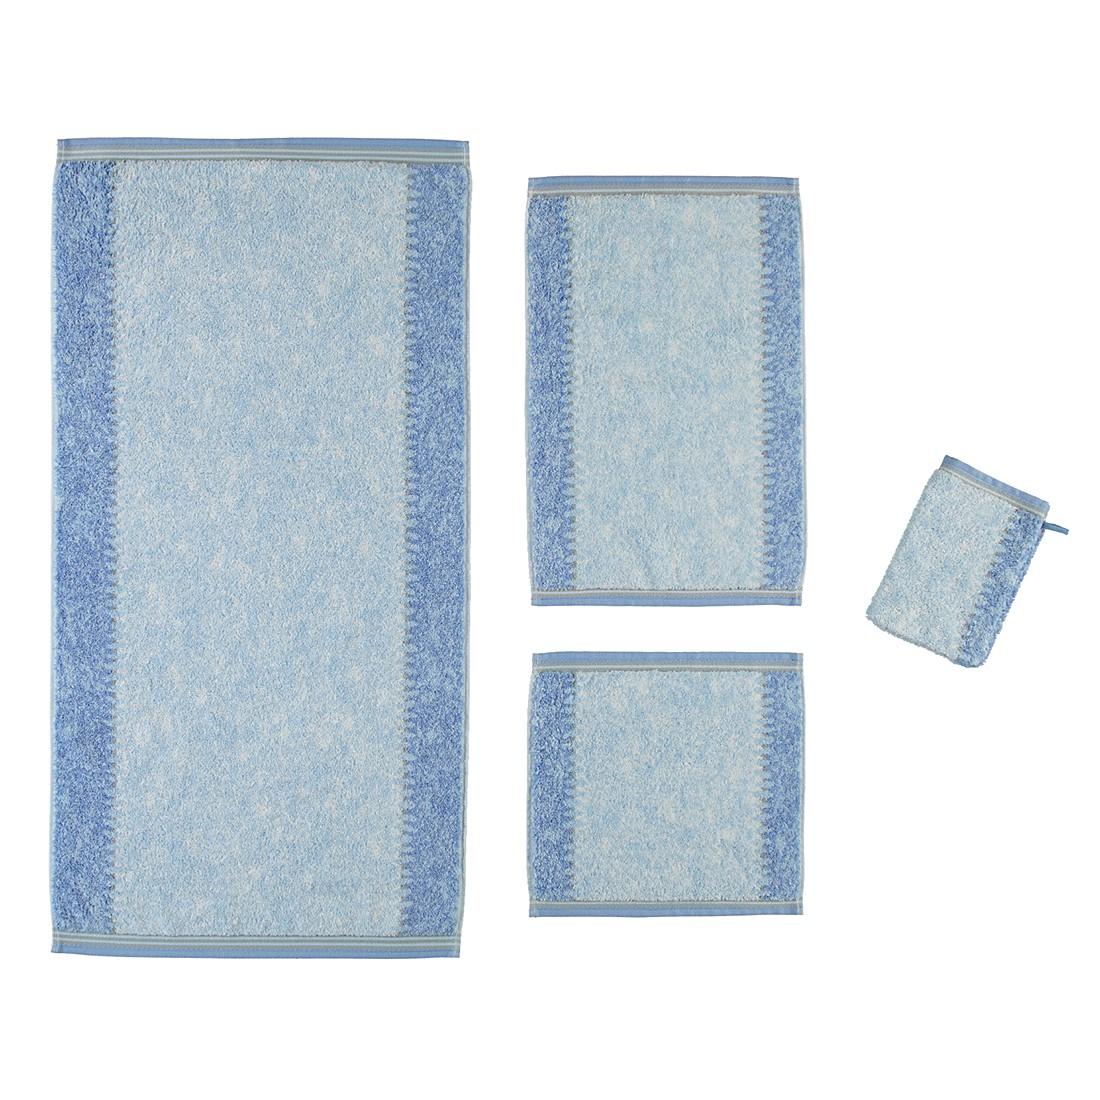 Handtücher Marmor 735 – Baumwolle – Blau – Gästetuch 30×50 cm, Cawö günstig online kaufen